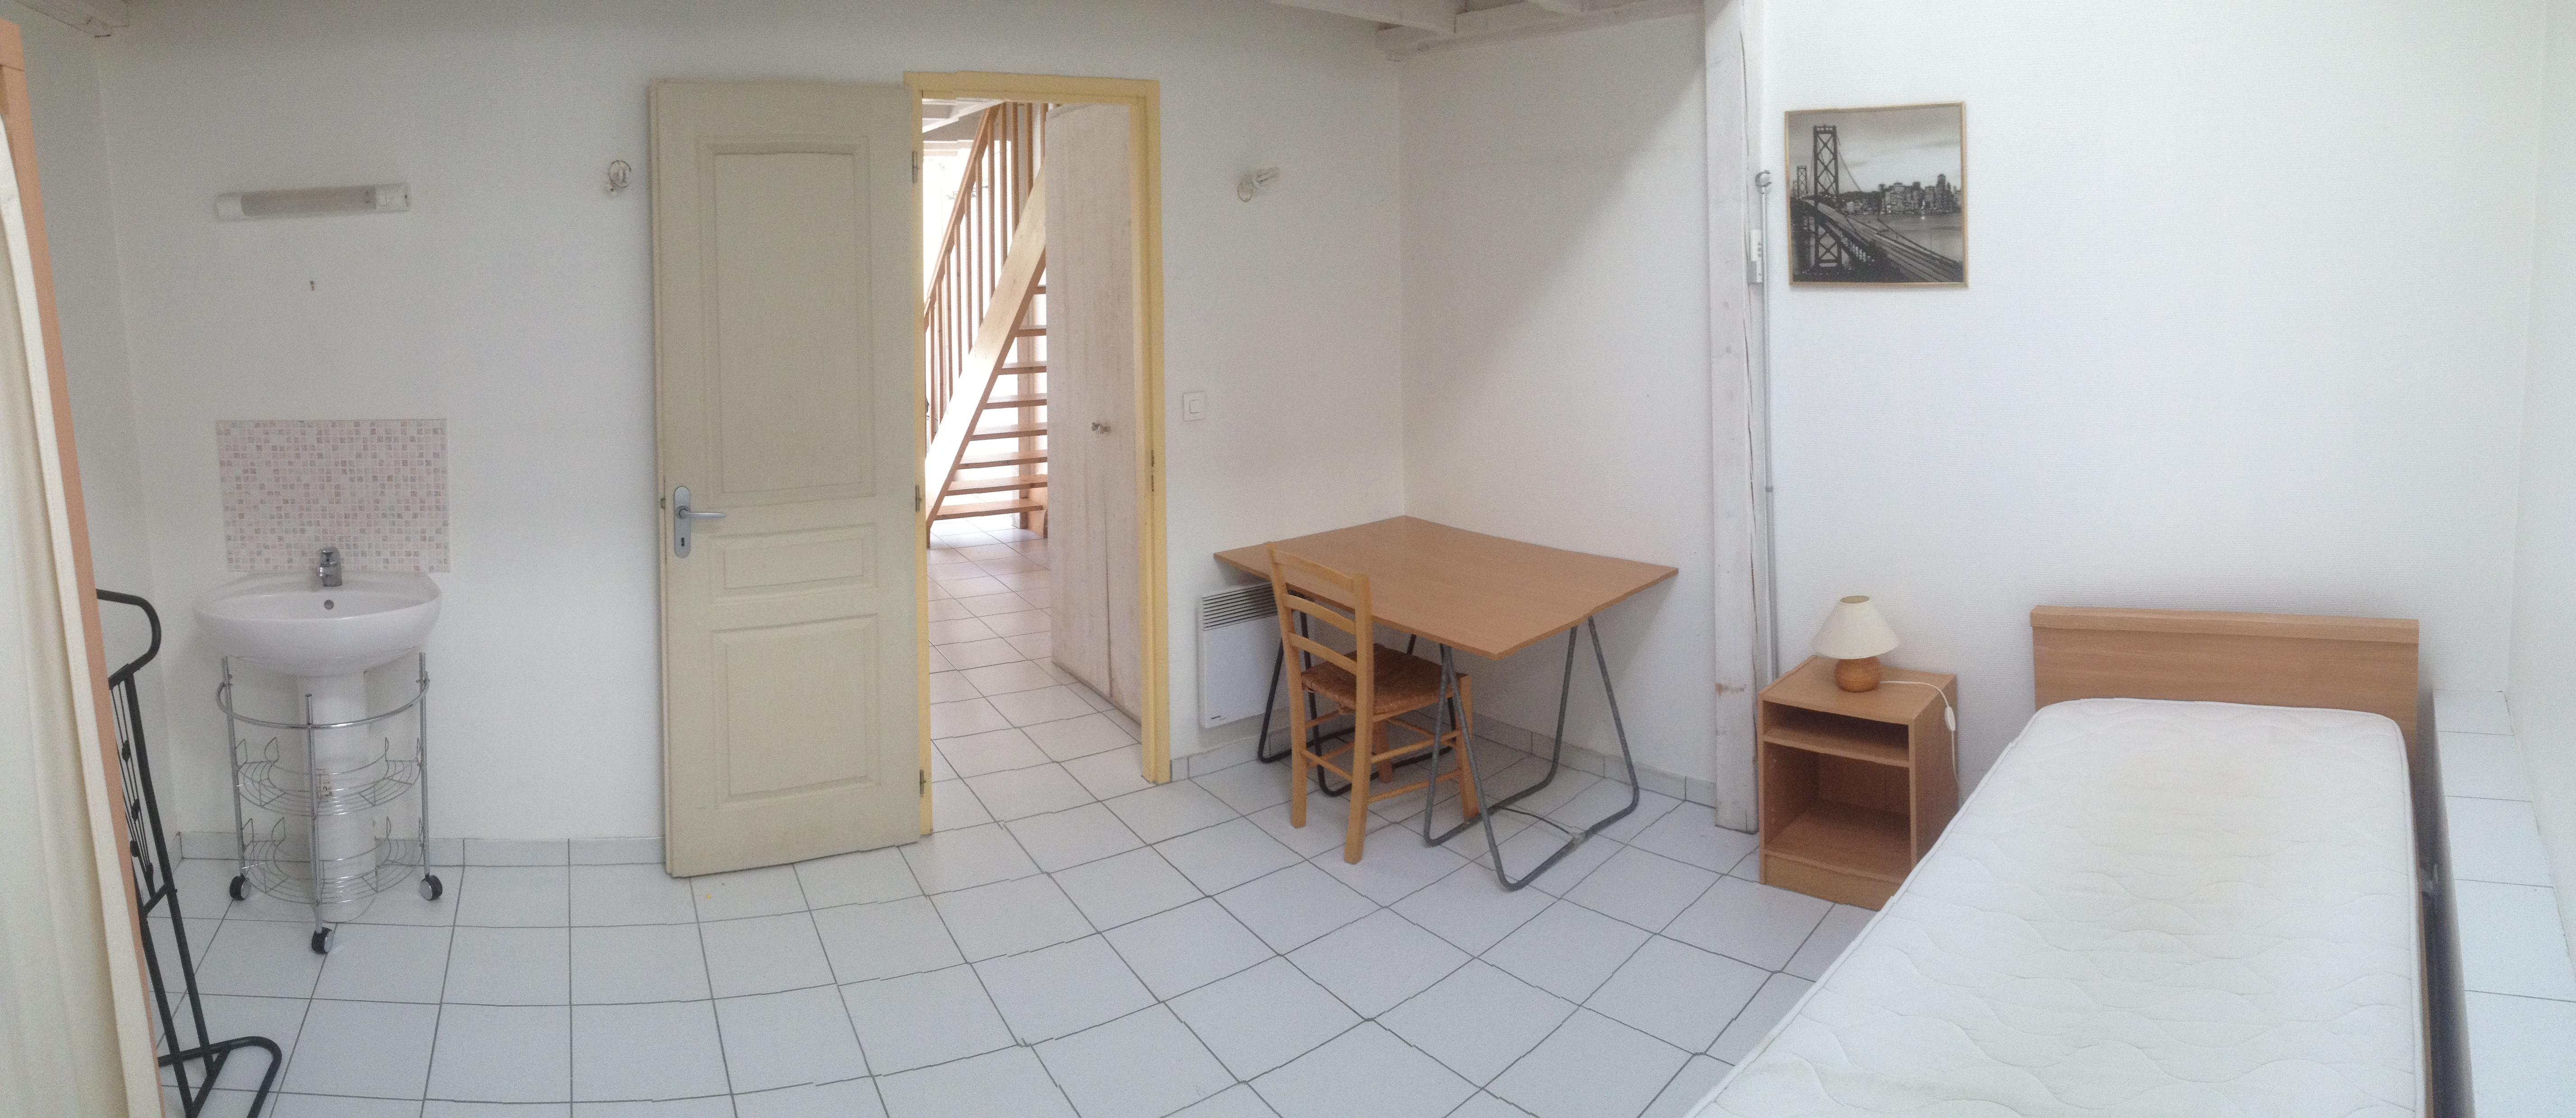 maison loft 2 t3 55 m2 loft droit la rochelle location meubl e la rochelle 1km. Black Bedroom Furniture Sets. Home Design Ideas